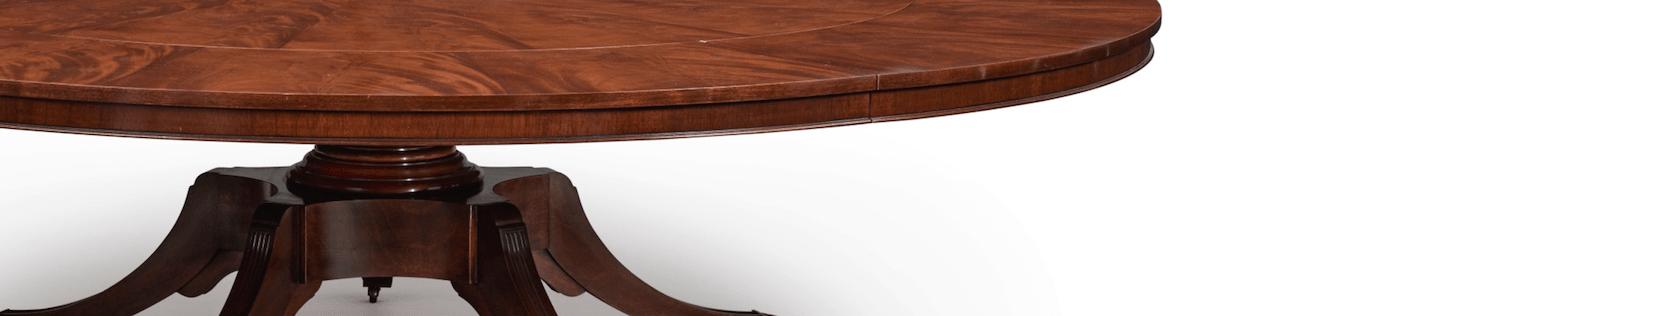 Антикварные обеденные столы